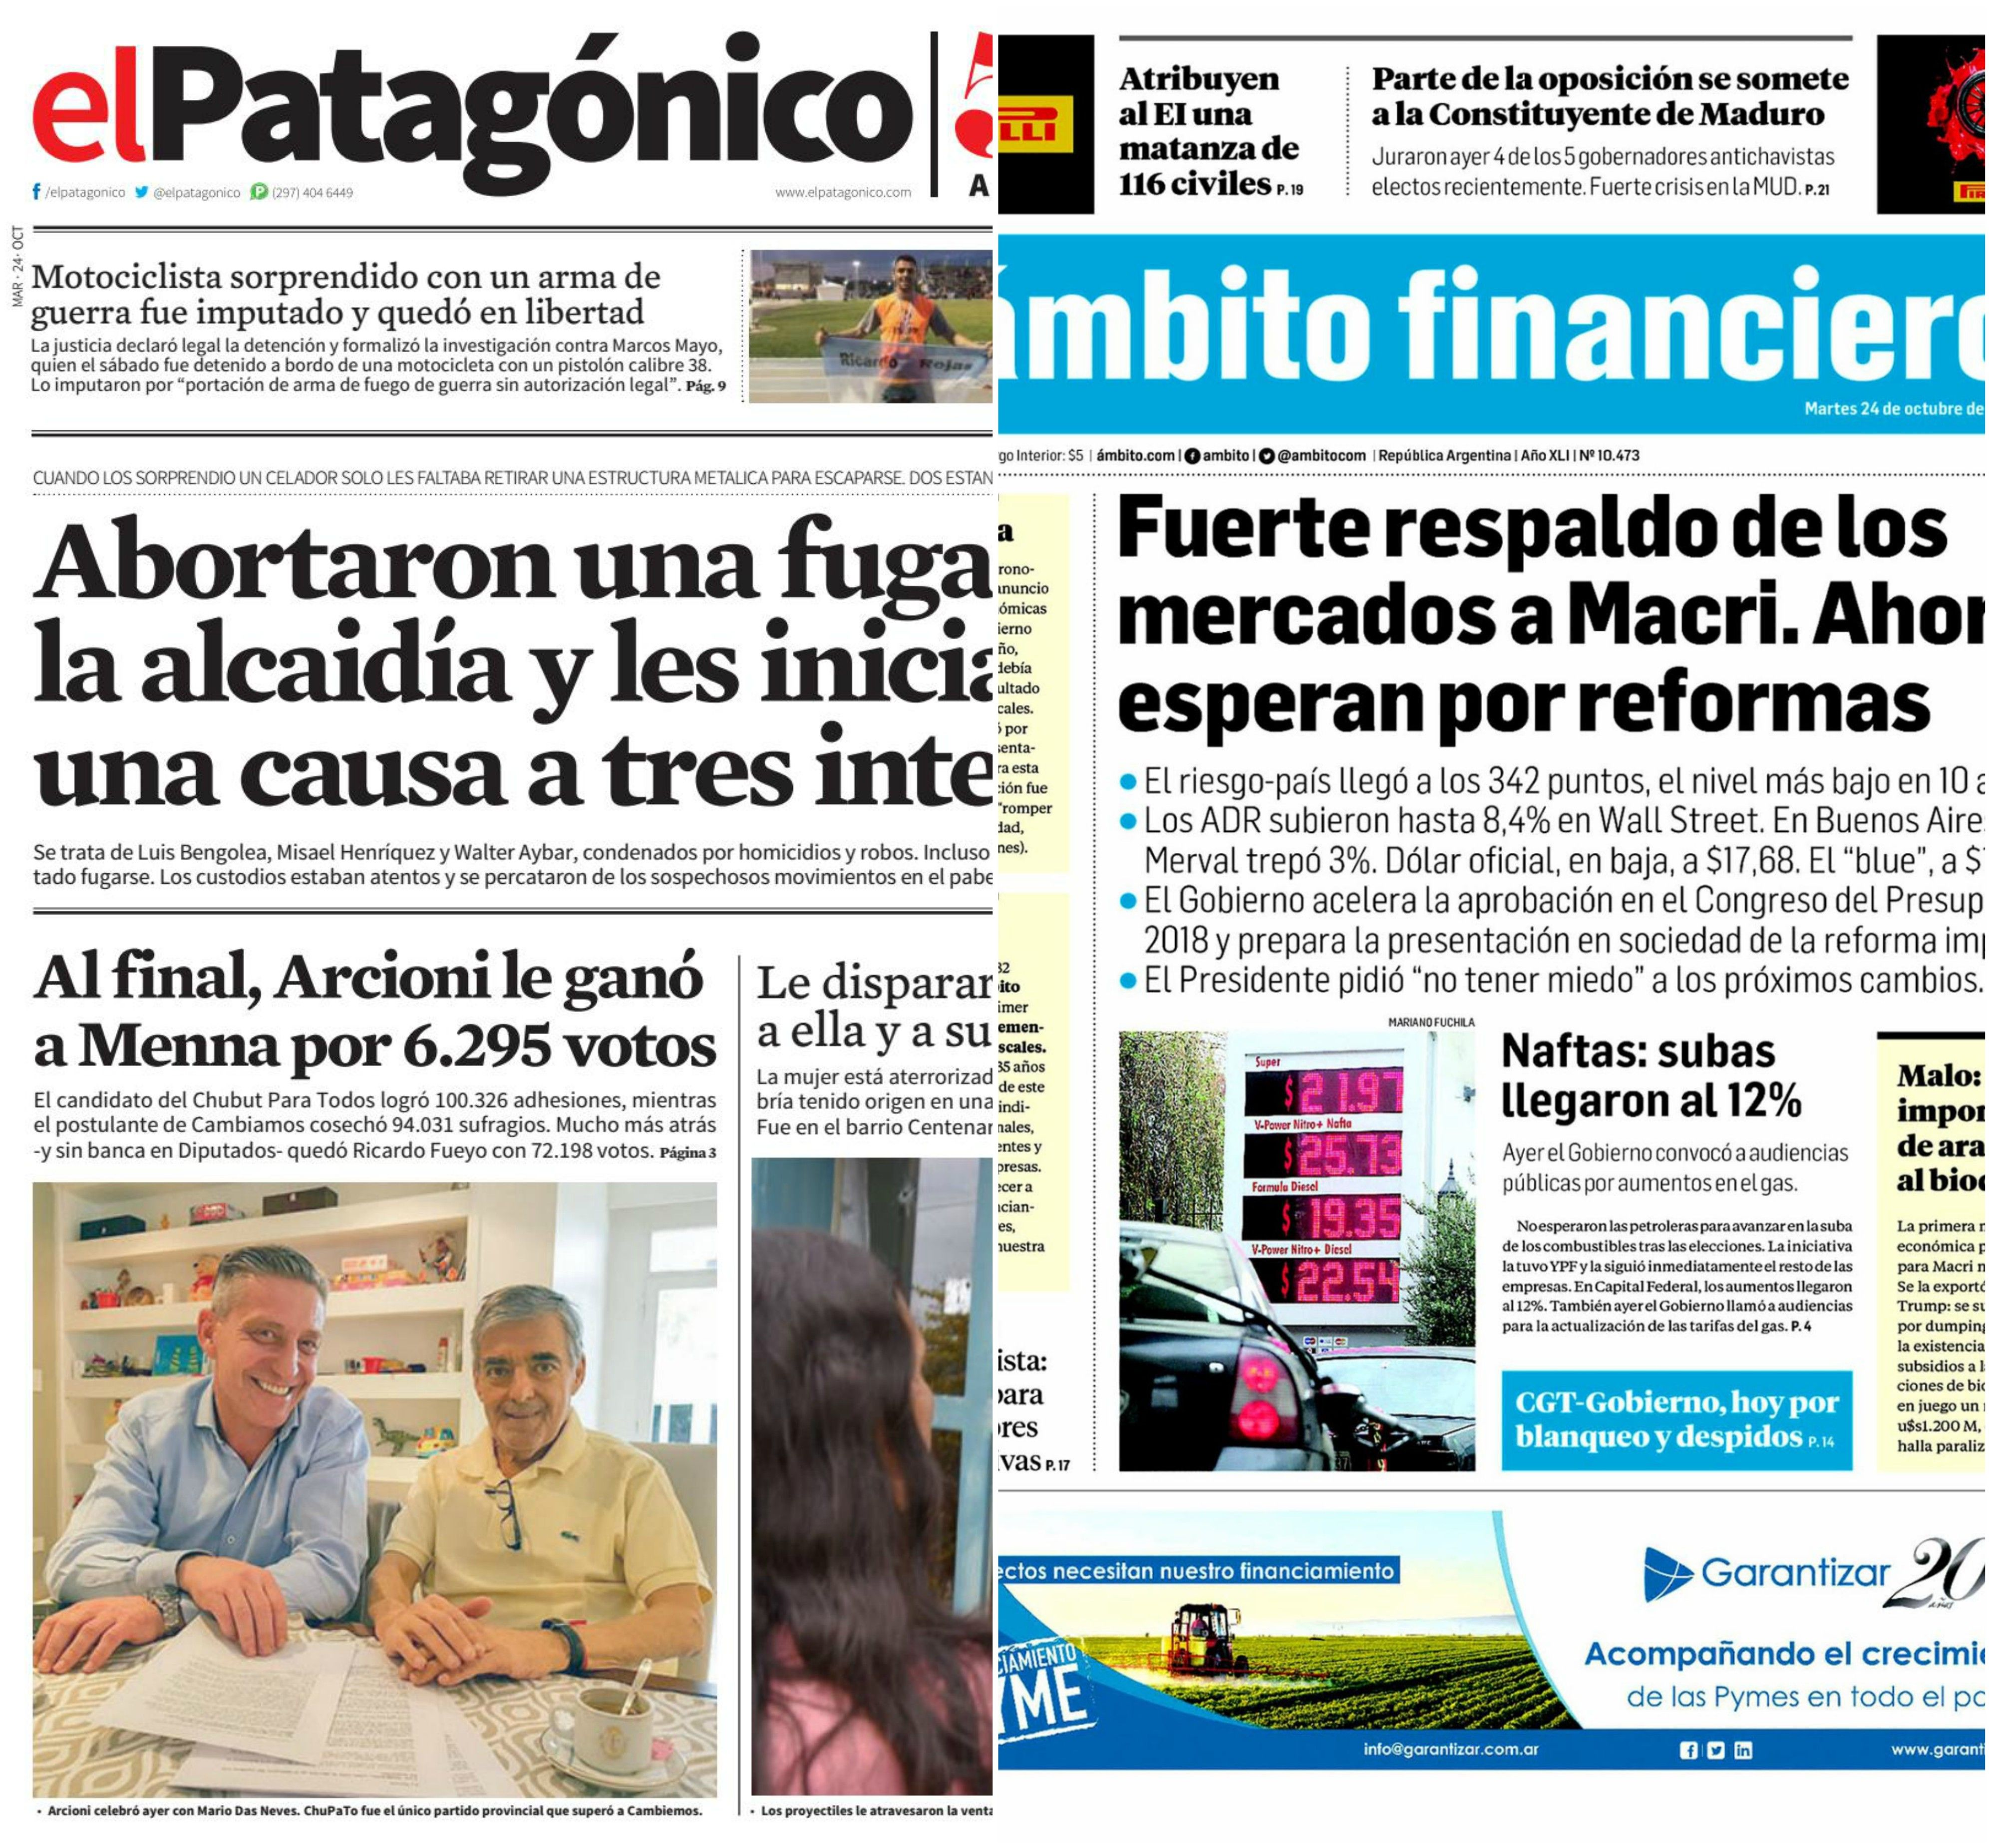 Tapas de diarios del martes 24 de octubre de 2017